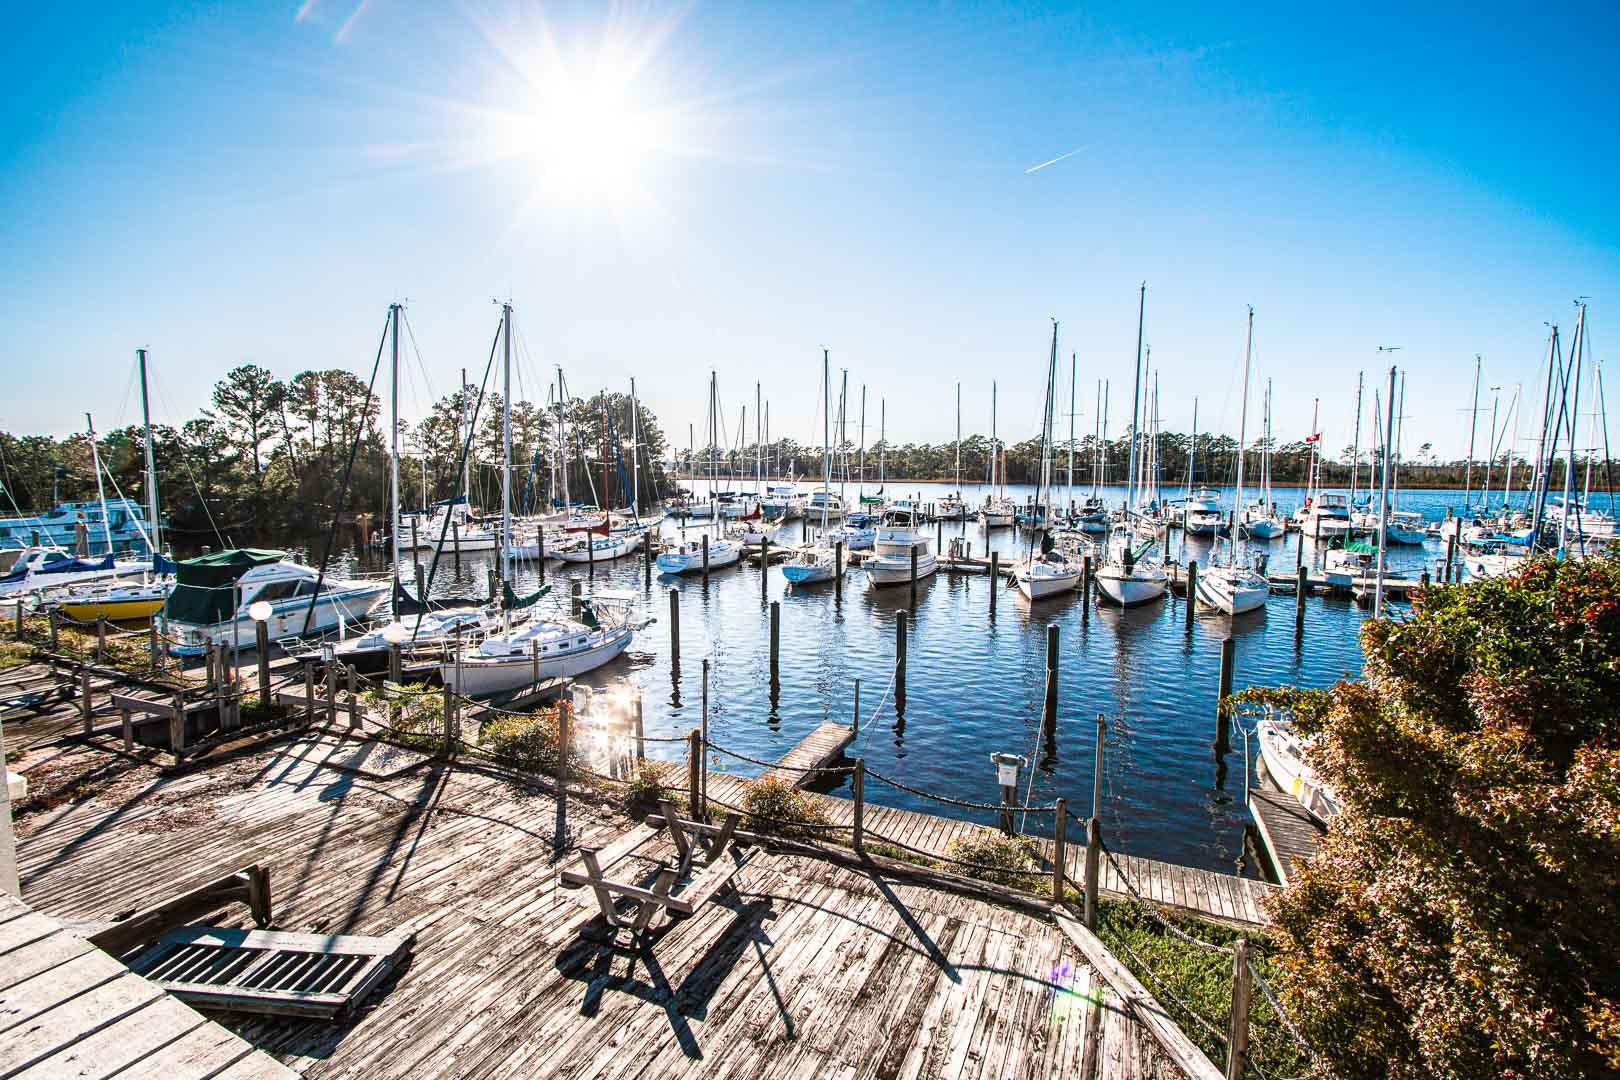 The boat dock from VRI's Sandcastle Village in New Bern, North Carolina.